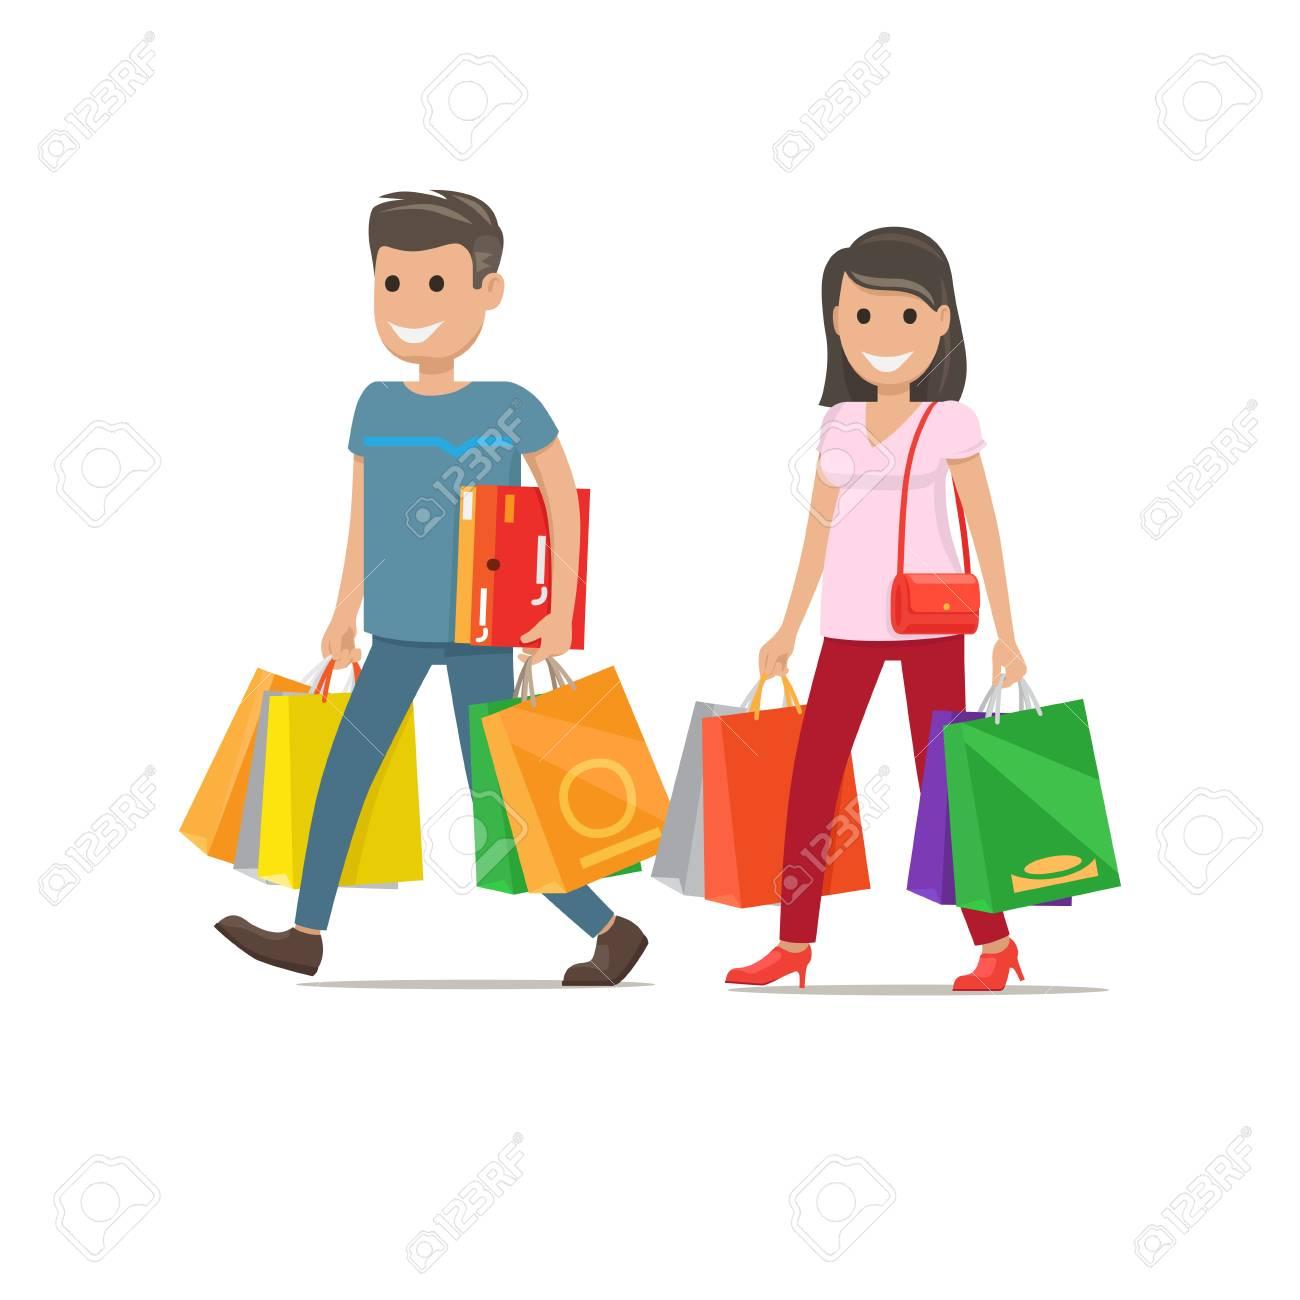 Shopping couple icon. - 91722232